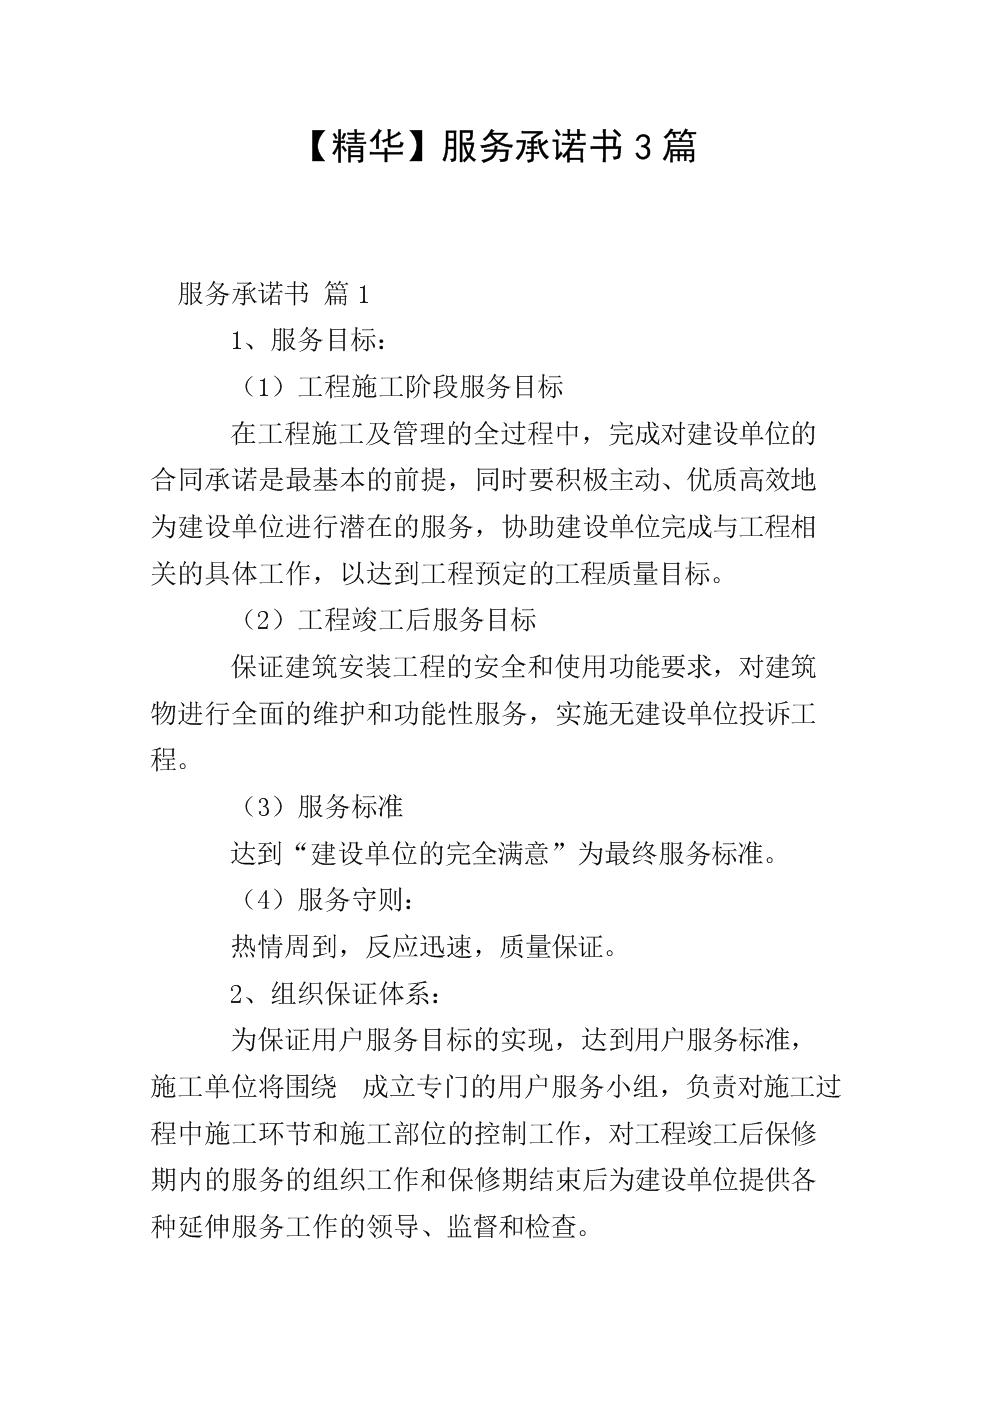 【精华】服务承诺书3篇.doc